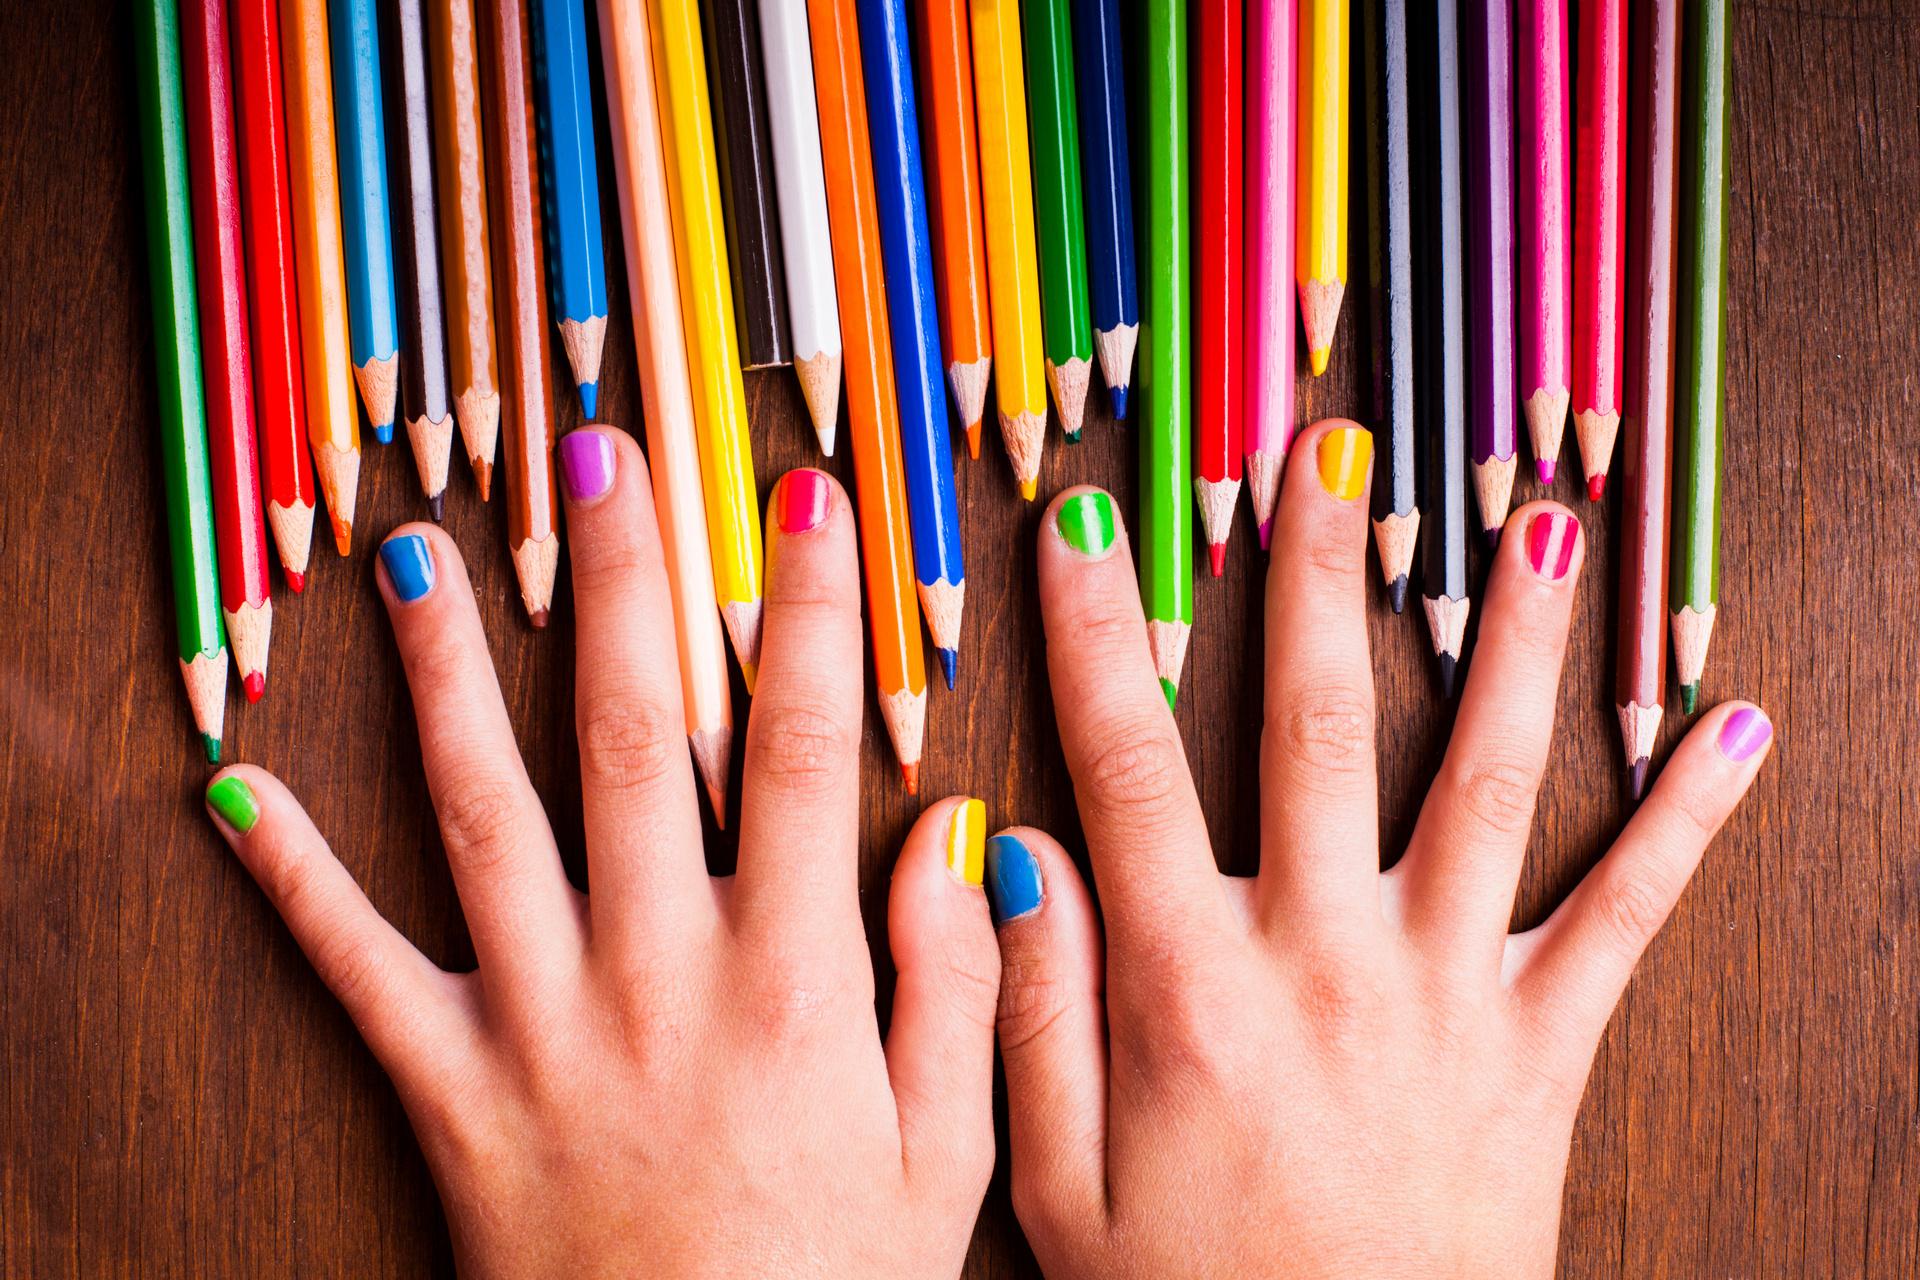 разноцветные пальцы картинки сегодня поругалась